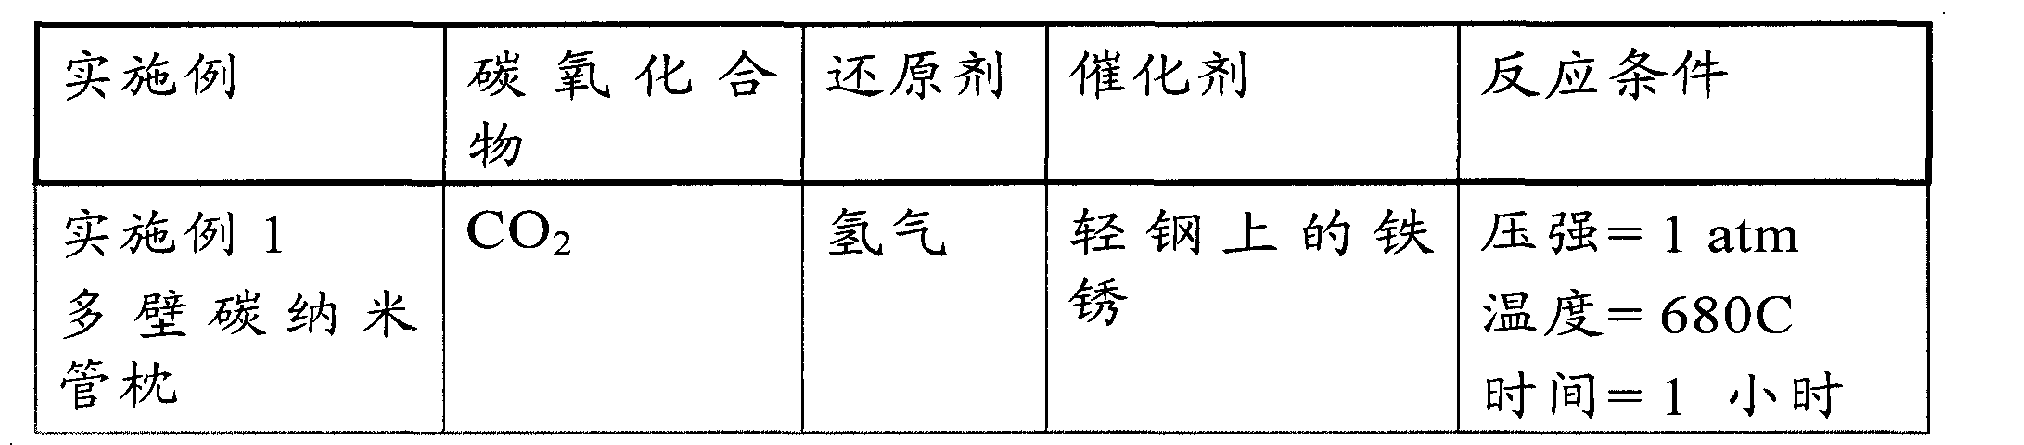 Figure CN102459727BD00233